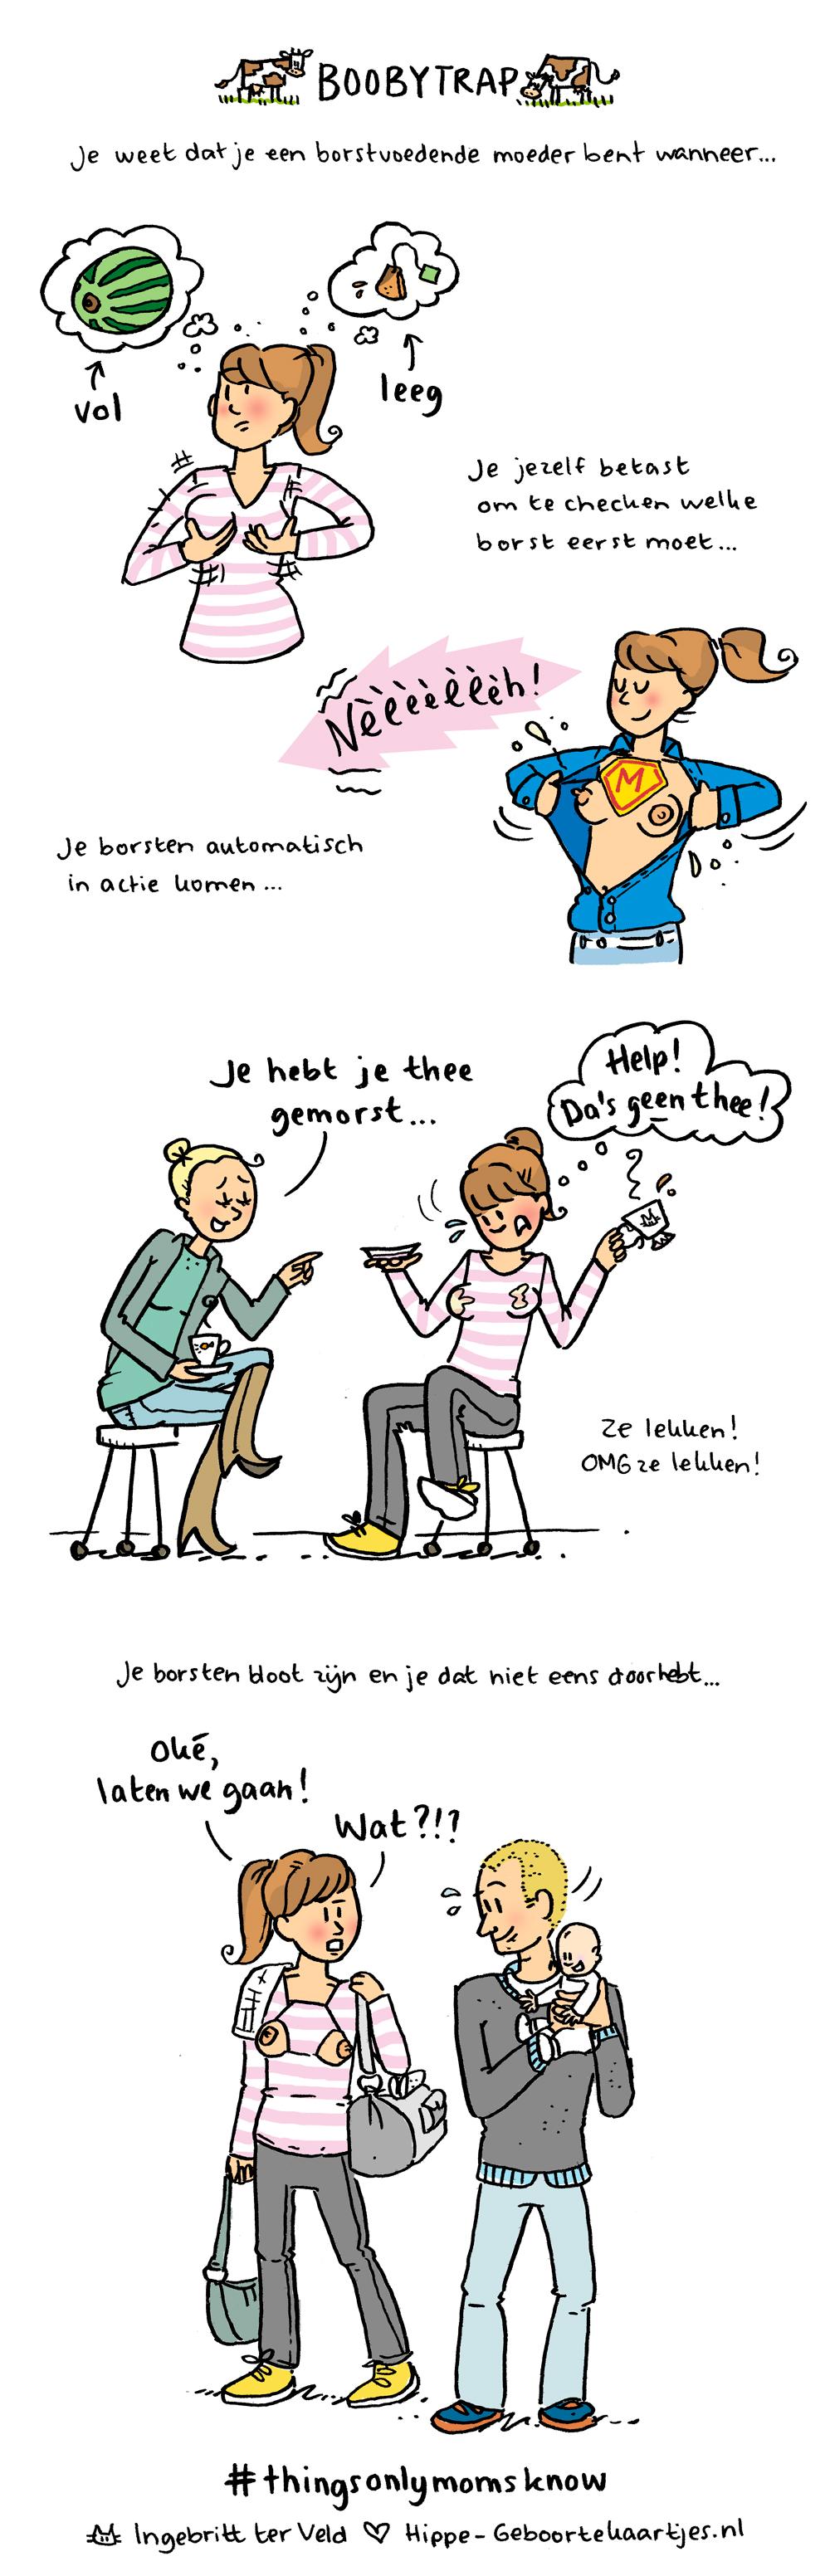 Boobytrap - Deze cartoons beschrijven het moederschap